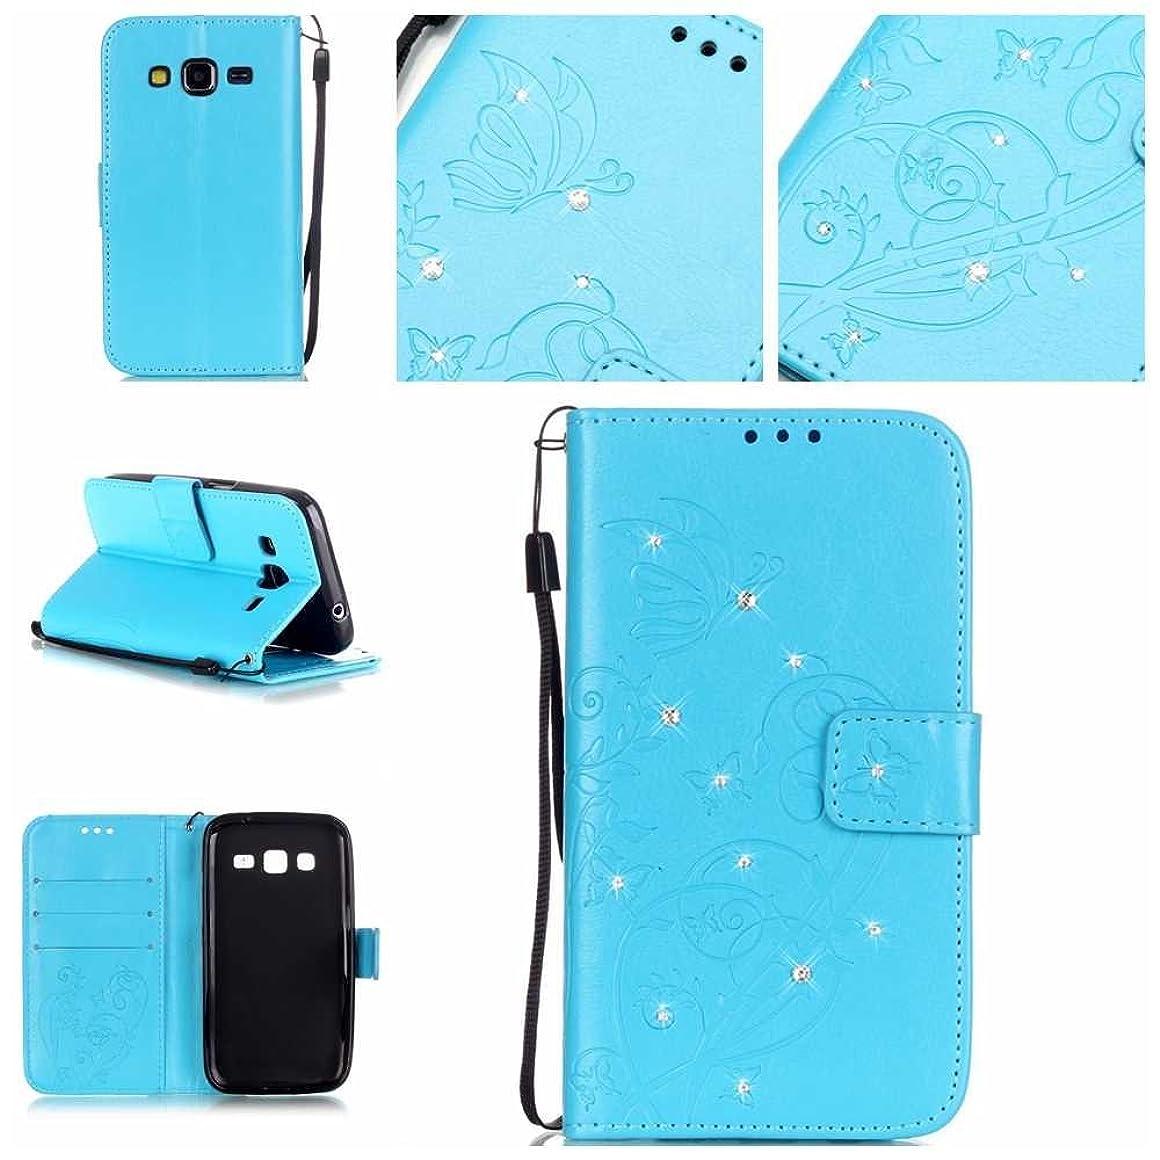 パワー素子おとなしいSamsung Galaxy Core Prime ケース OMATENTI 手帳型 財布型 マグネット式 PUレザー スタンド機能 カードホルダ付き 衝撃吸収 耐衝撃 保護カバー (7-ブルー)